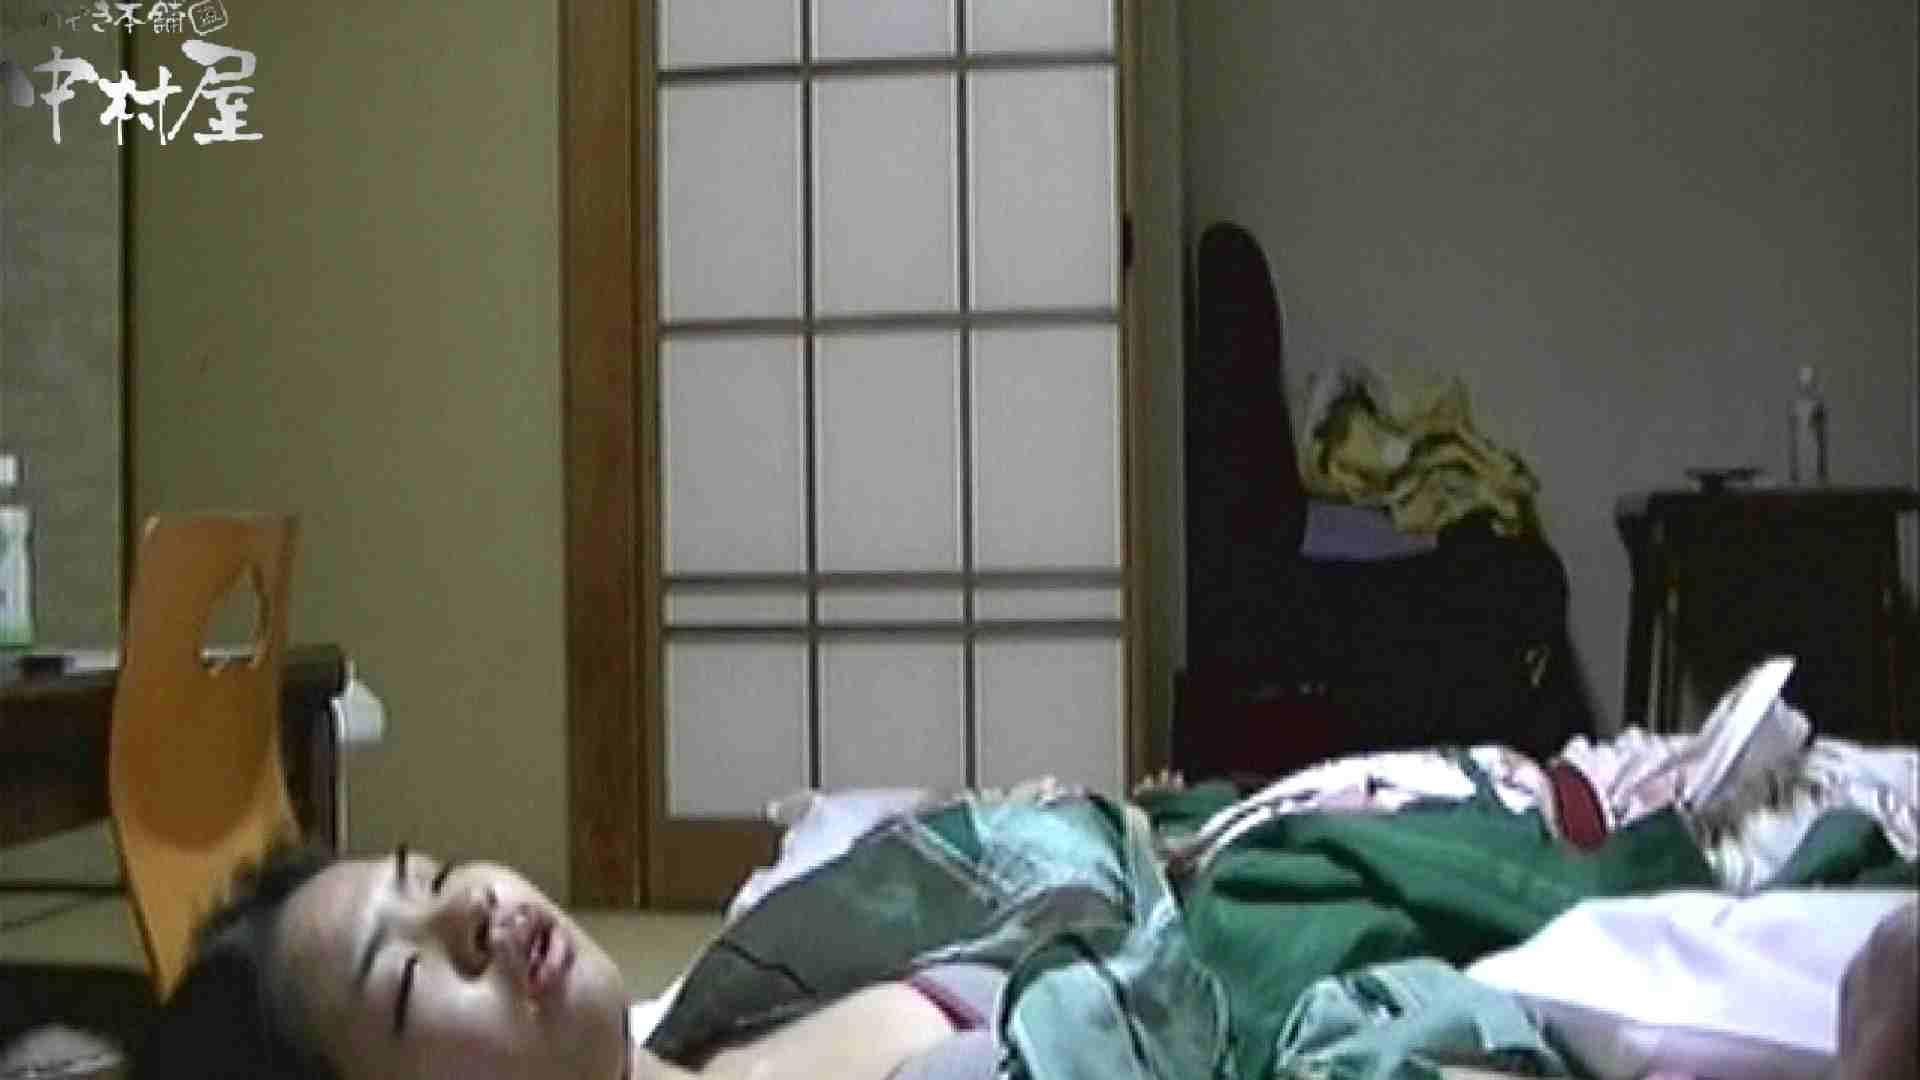 ネムリ姫 vol.07 パンティ | ギャルの下半身  51連発 11